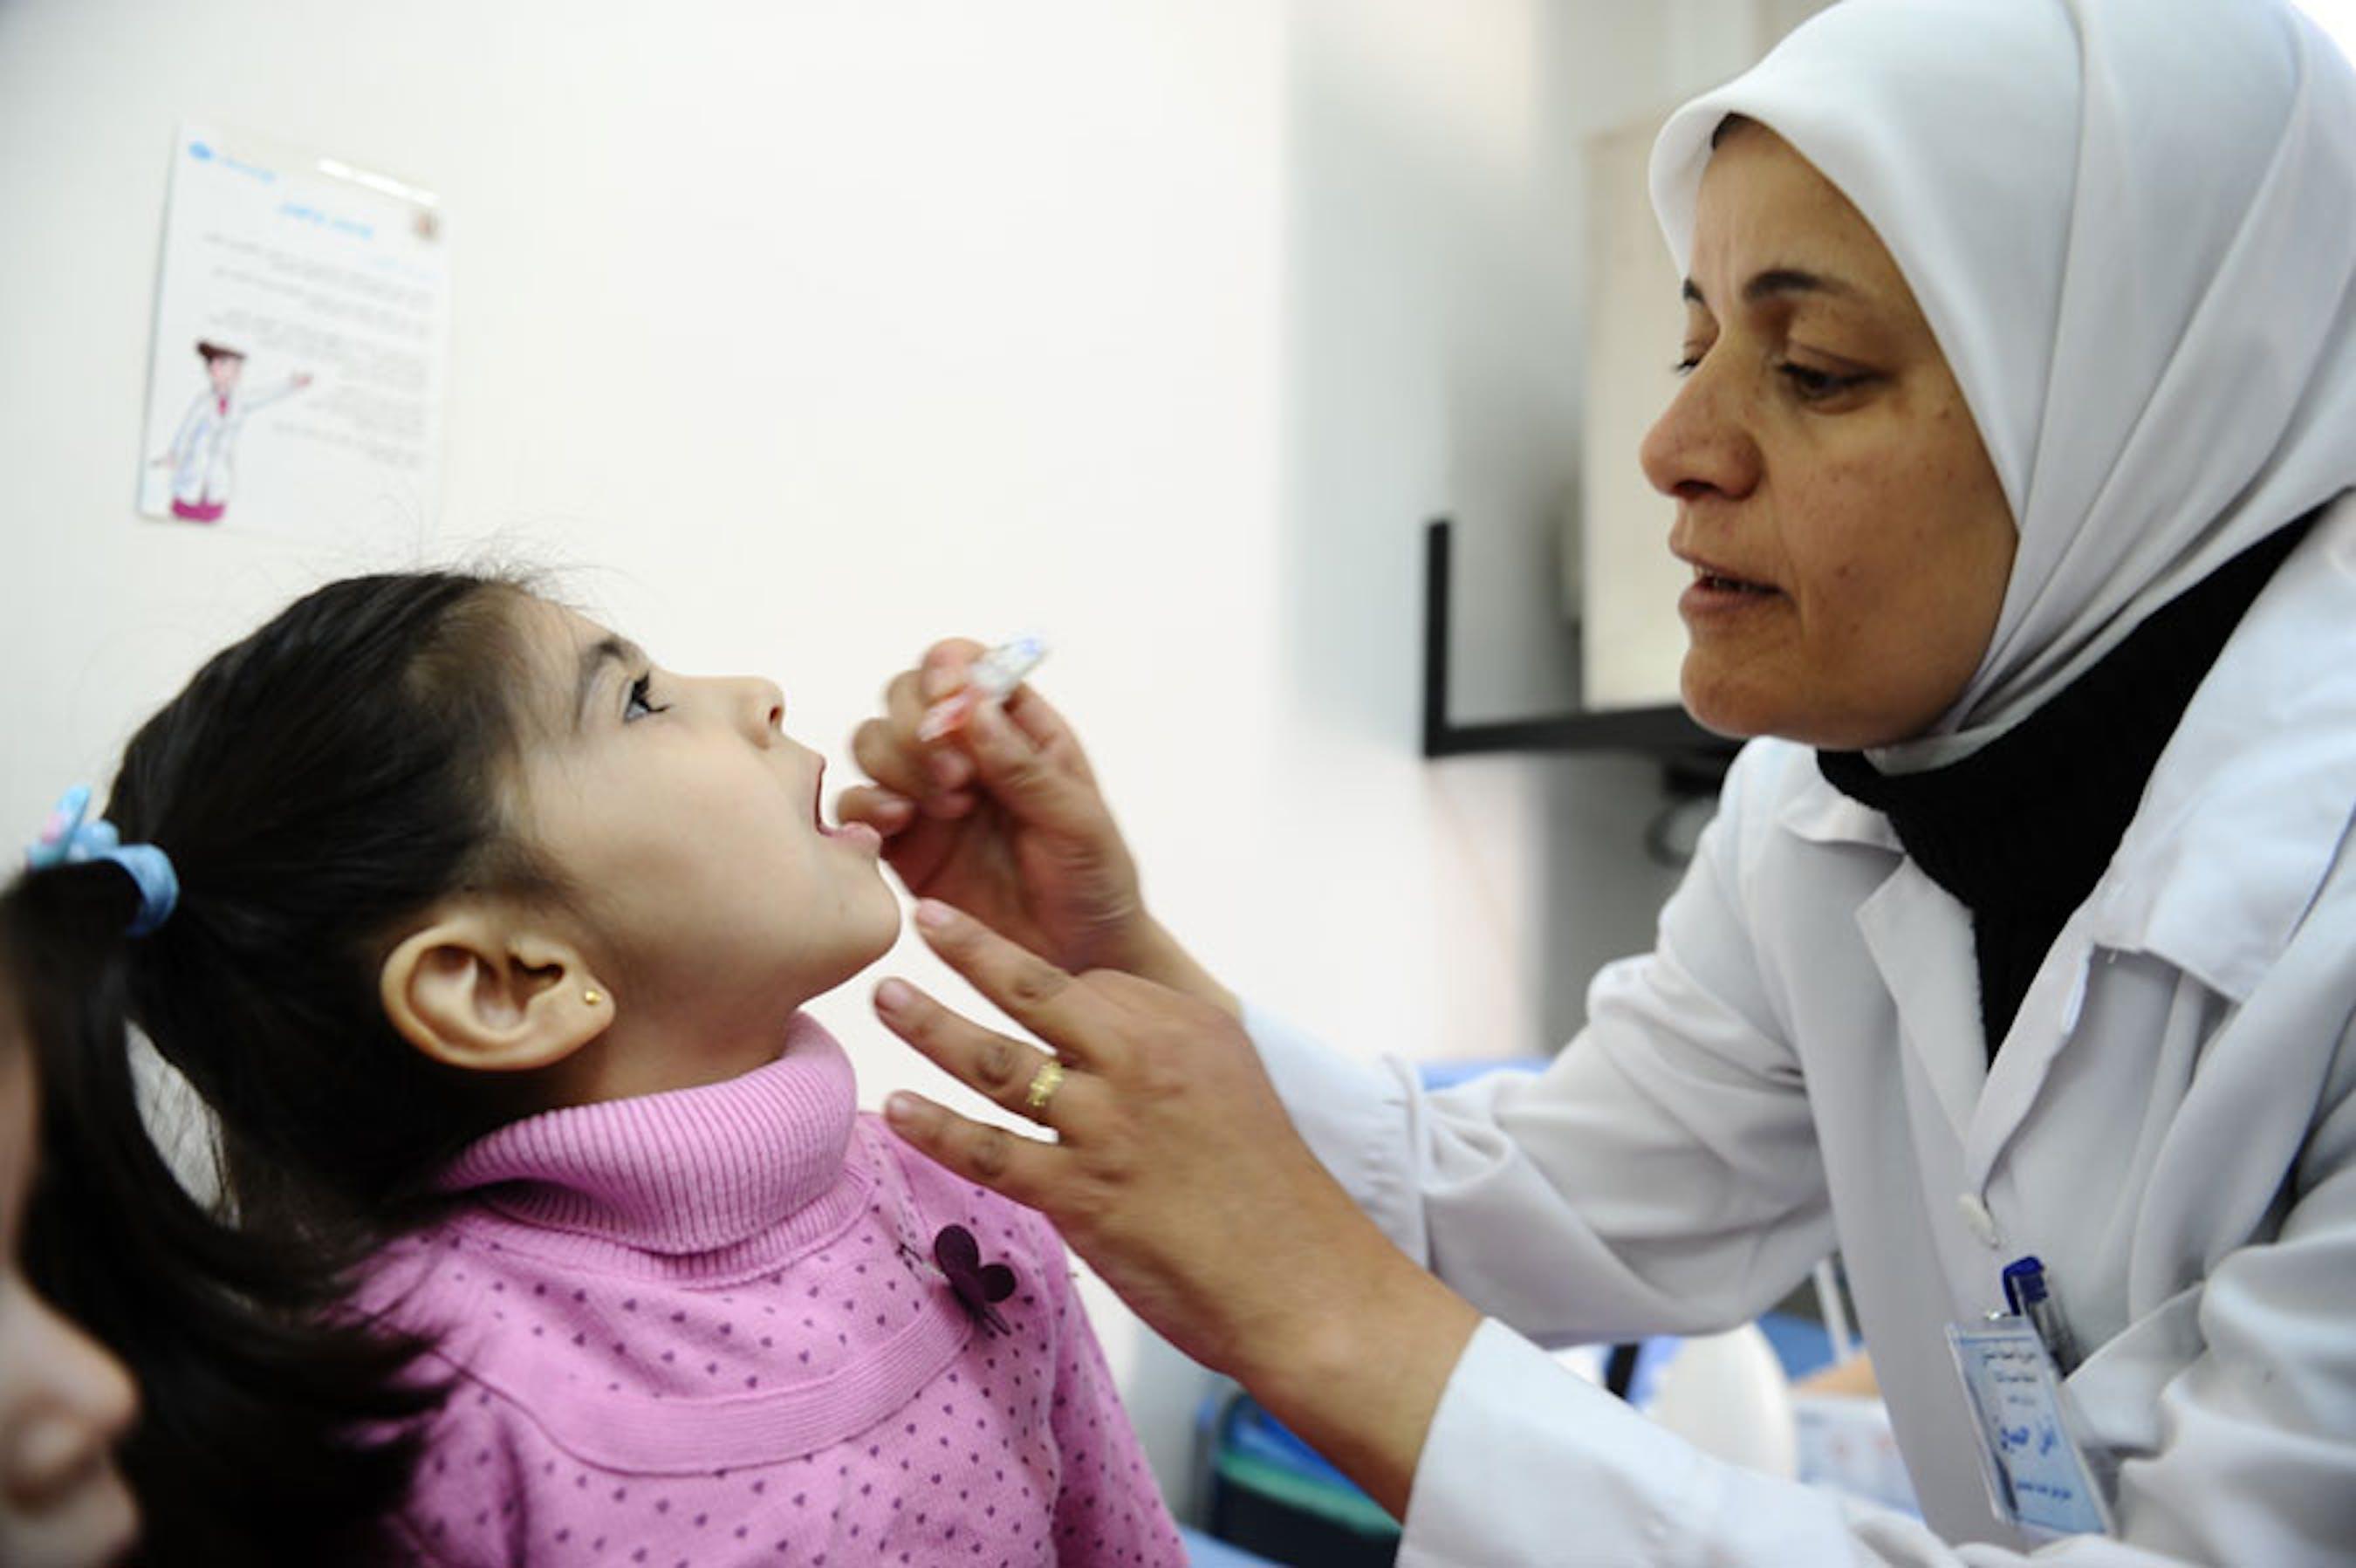 Una bambina viene vaccinata contro la polio in Siria - ©UNICEF Siria/2013/Omar Sanadiki